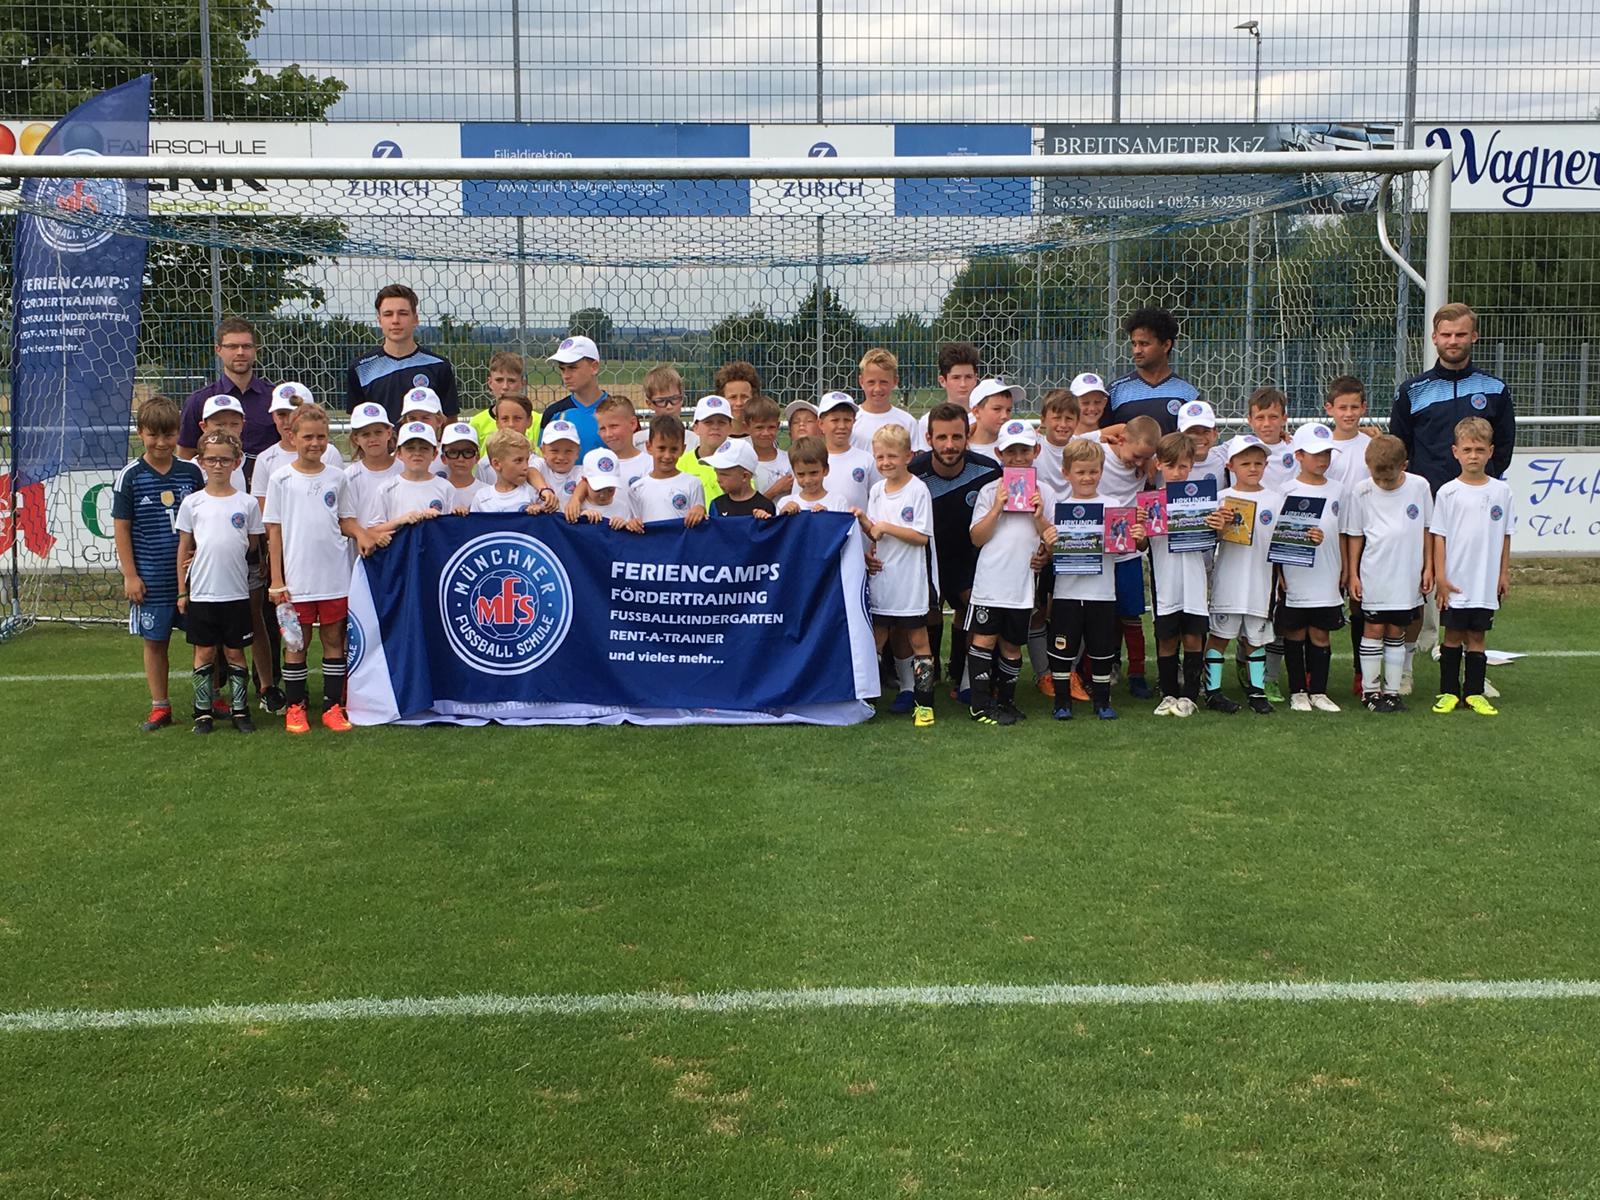 Feriencamp der Münchner Fußballschule ein voller Erfolg